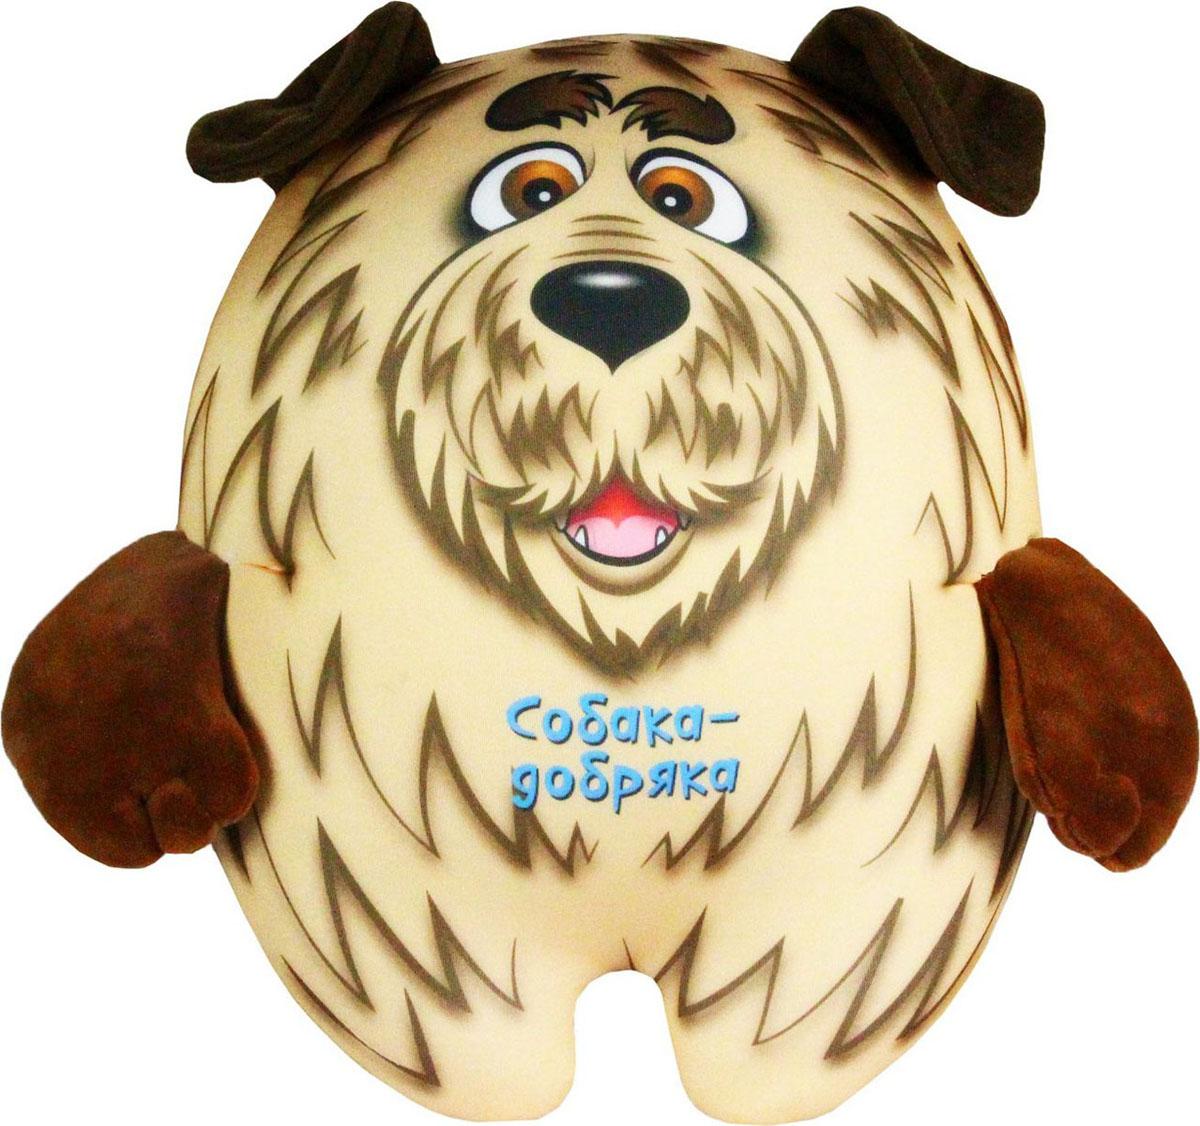 """Подушка-игрушка Штучки, к которым тянутся ручки Антистрессовая """"Собака с характером. Добряка"""" мал., бежевый, коричневый"""